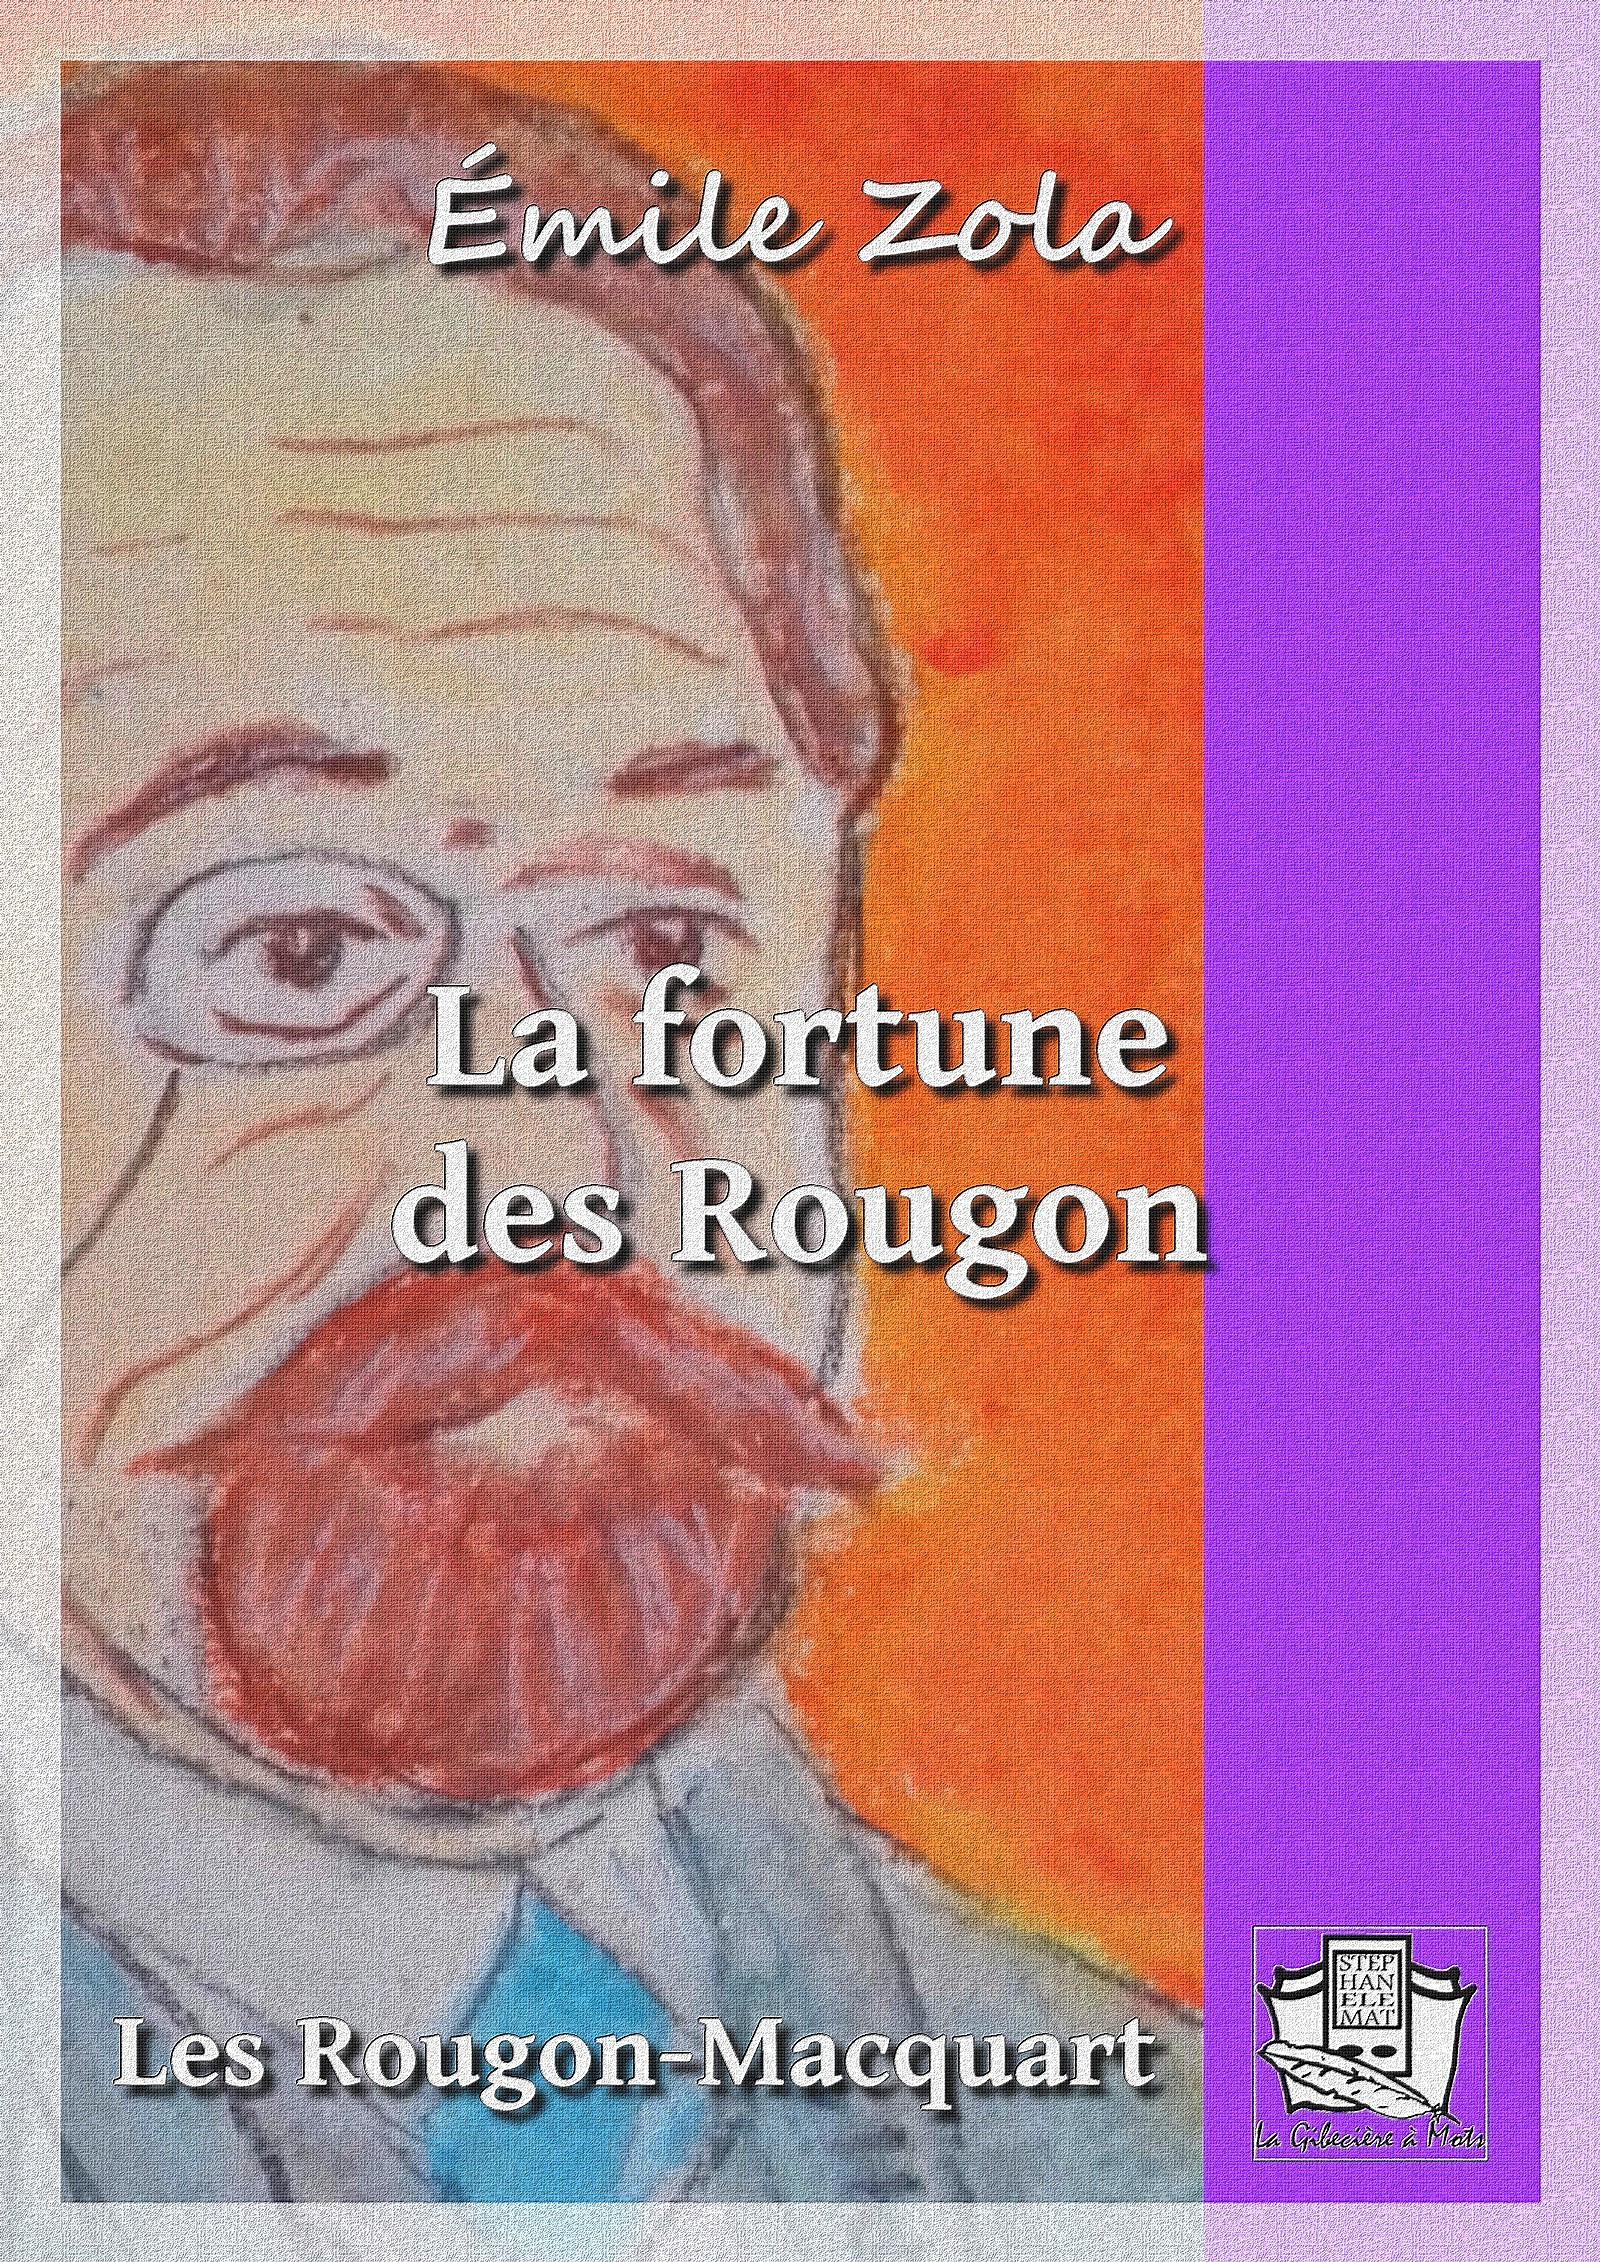 La fortune des Rougon, LES ROUGON-MACQUART 1/20